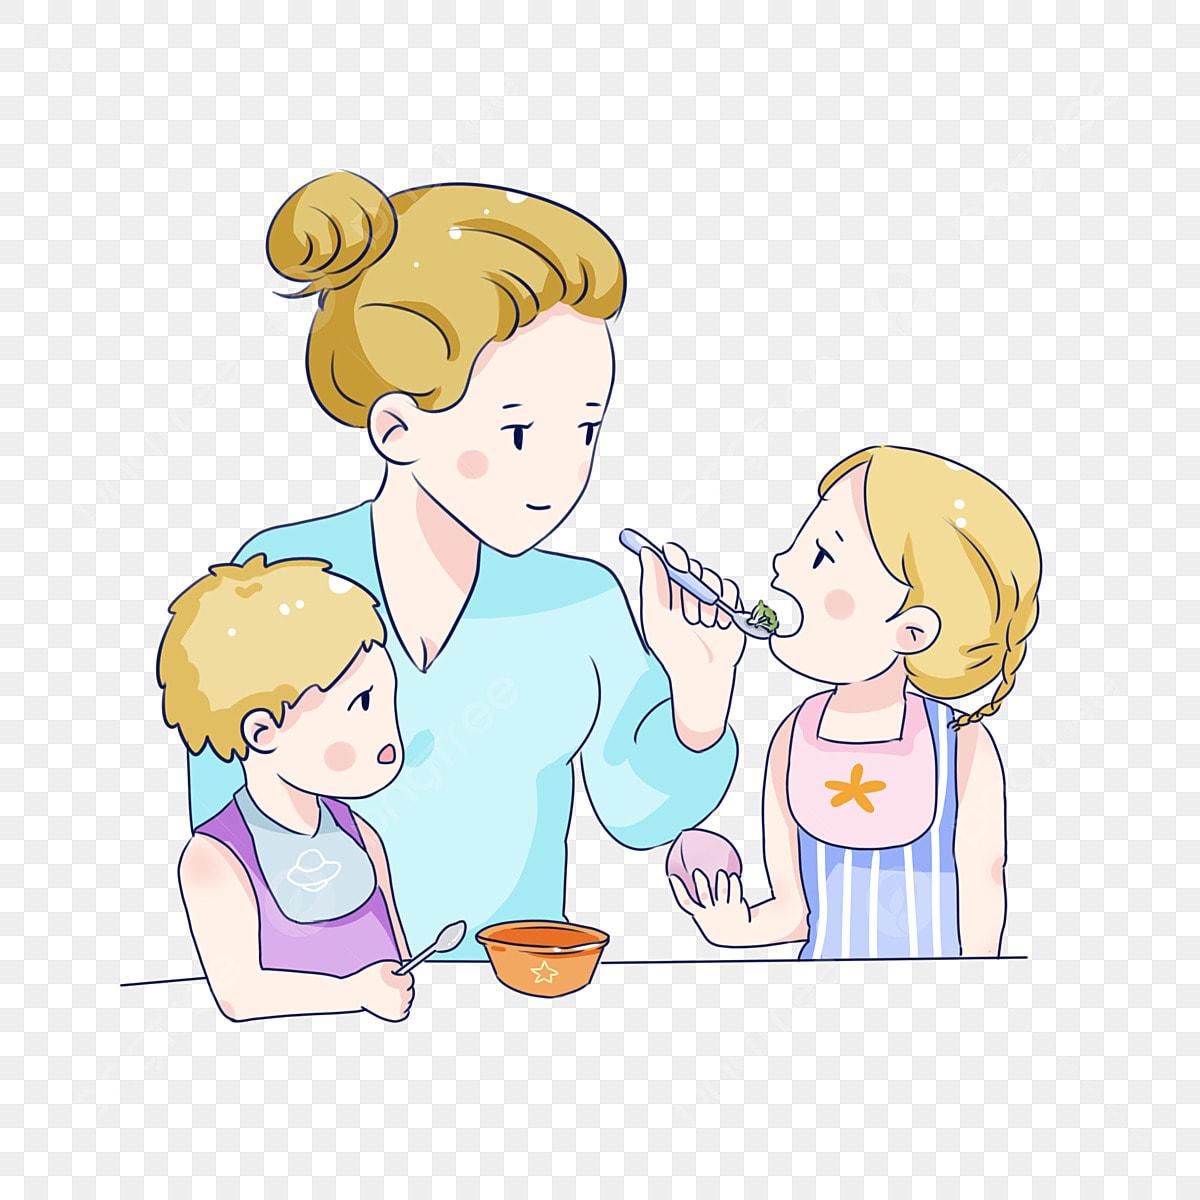 Madre De Dibujos Animados Dibujados A Mano Alimentación Bebé Arroz Madre  Alimentación Al Niño Amor Maternal Niño, La Madre Y El Bebé, Patron  Decorativo, Pintado A Mano Q Version PNG y PSD